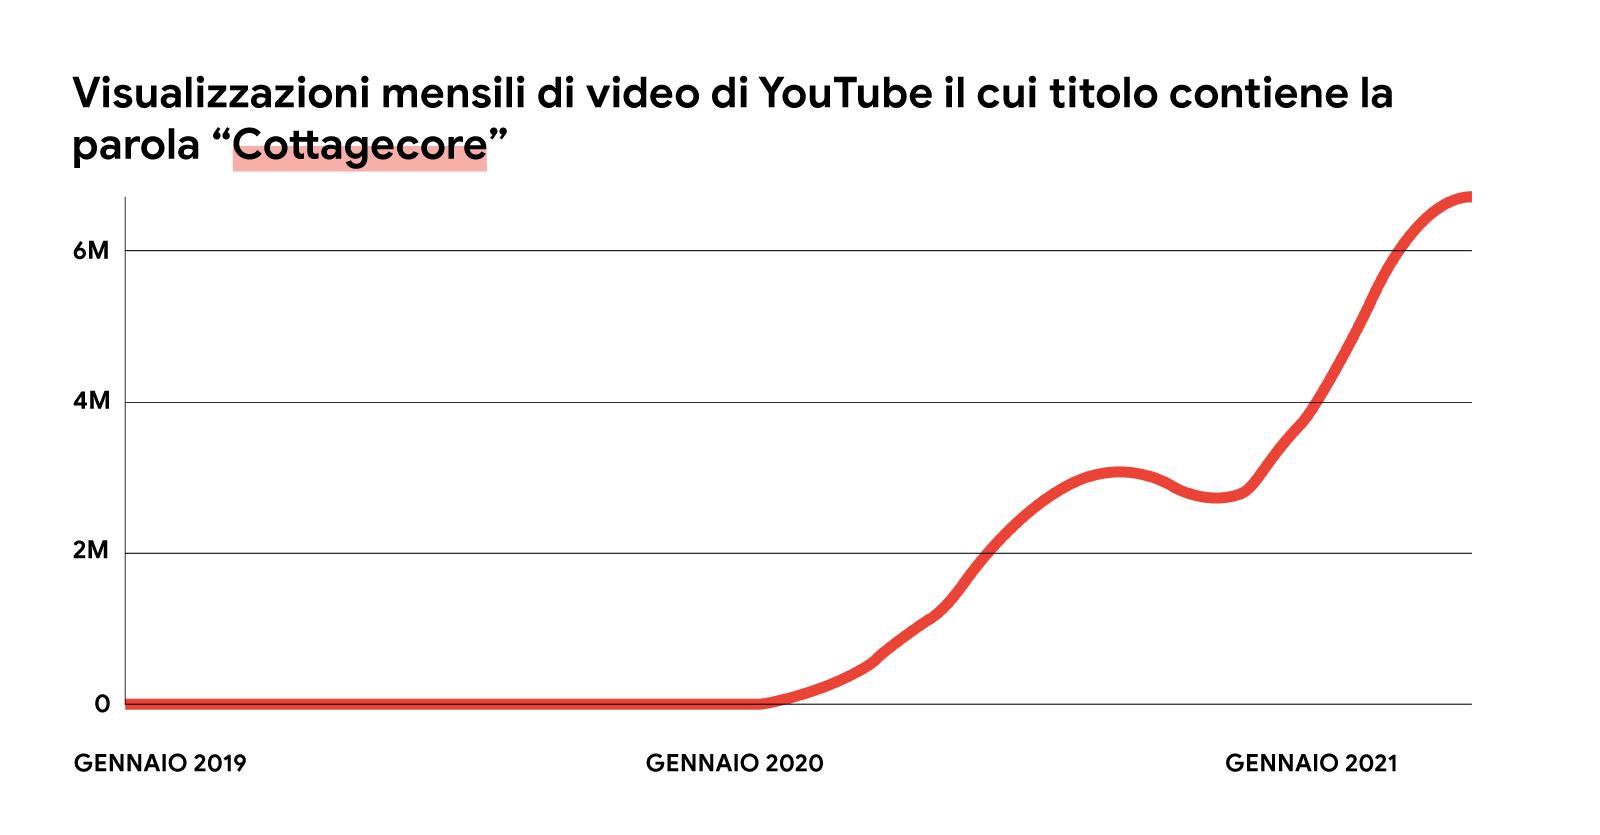 """Un'immagine illustrata di un grafico a linee rosse che mostra l'aumento delle visualizzazioni mensili dei video di YouTube il cui titolo contiene la parola """"cottagecore"""", da gennaio 2019 a maggio 2021."""